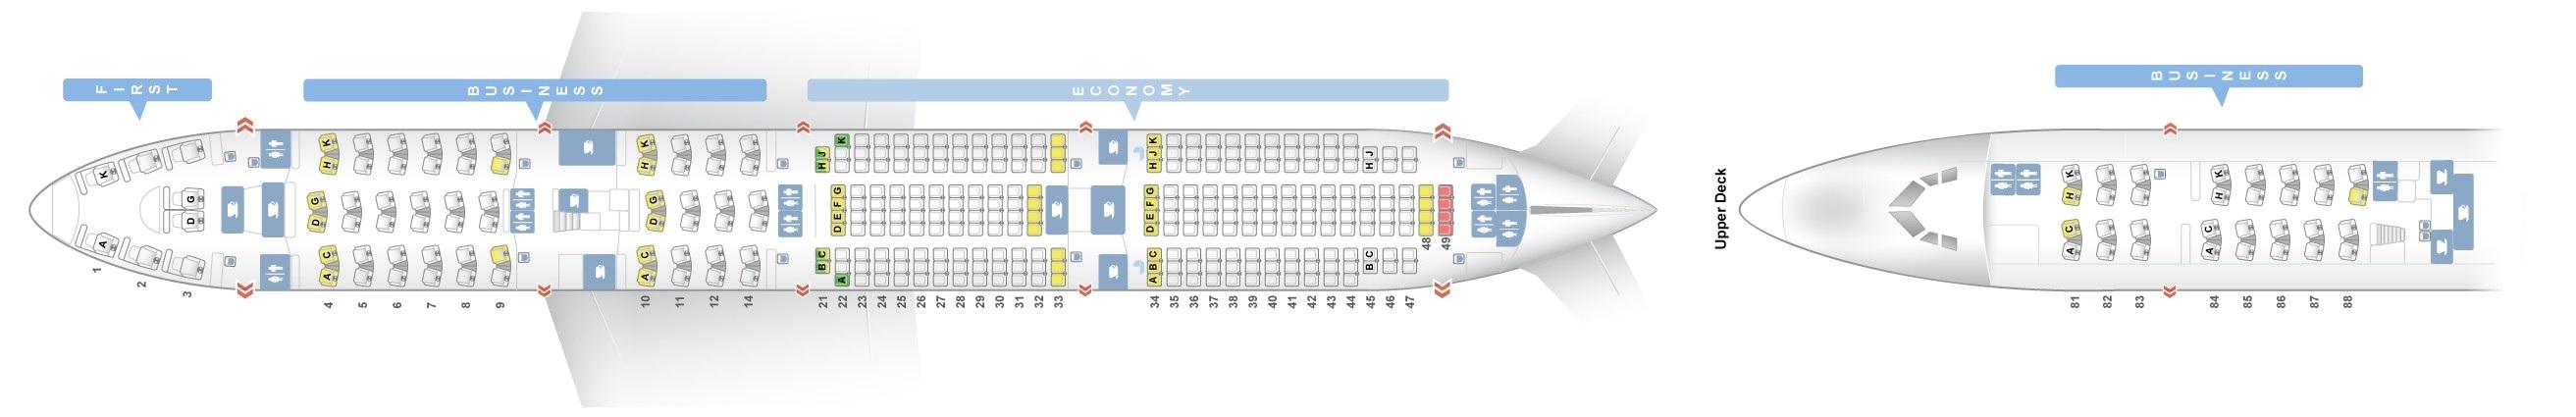 Lufthansa_Boeing_747_8